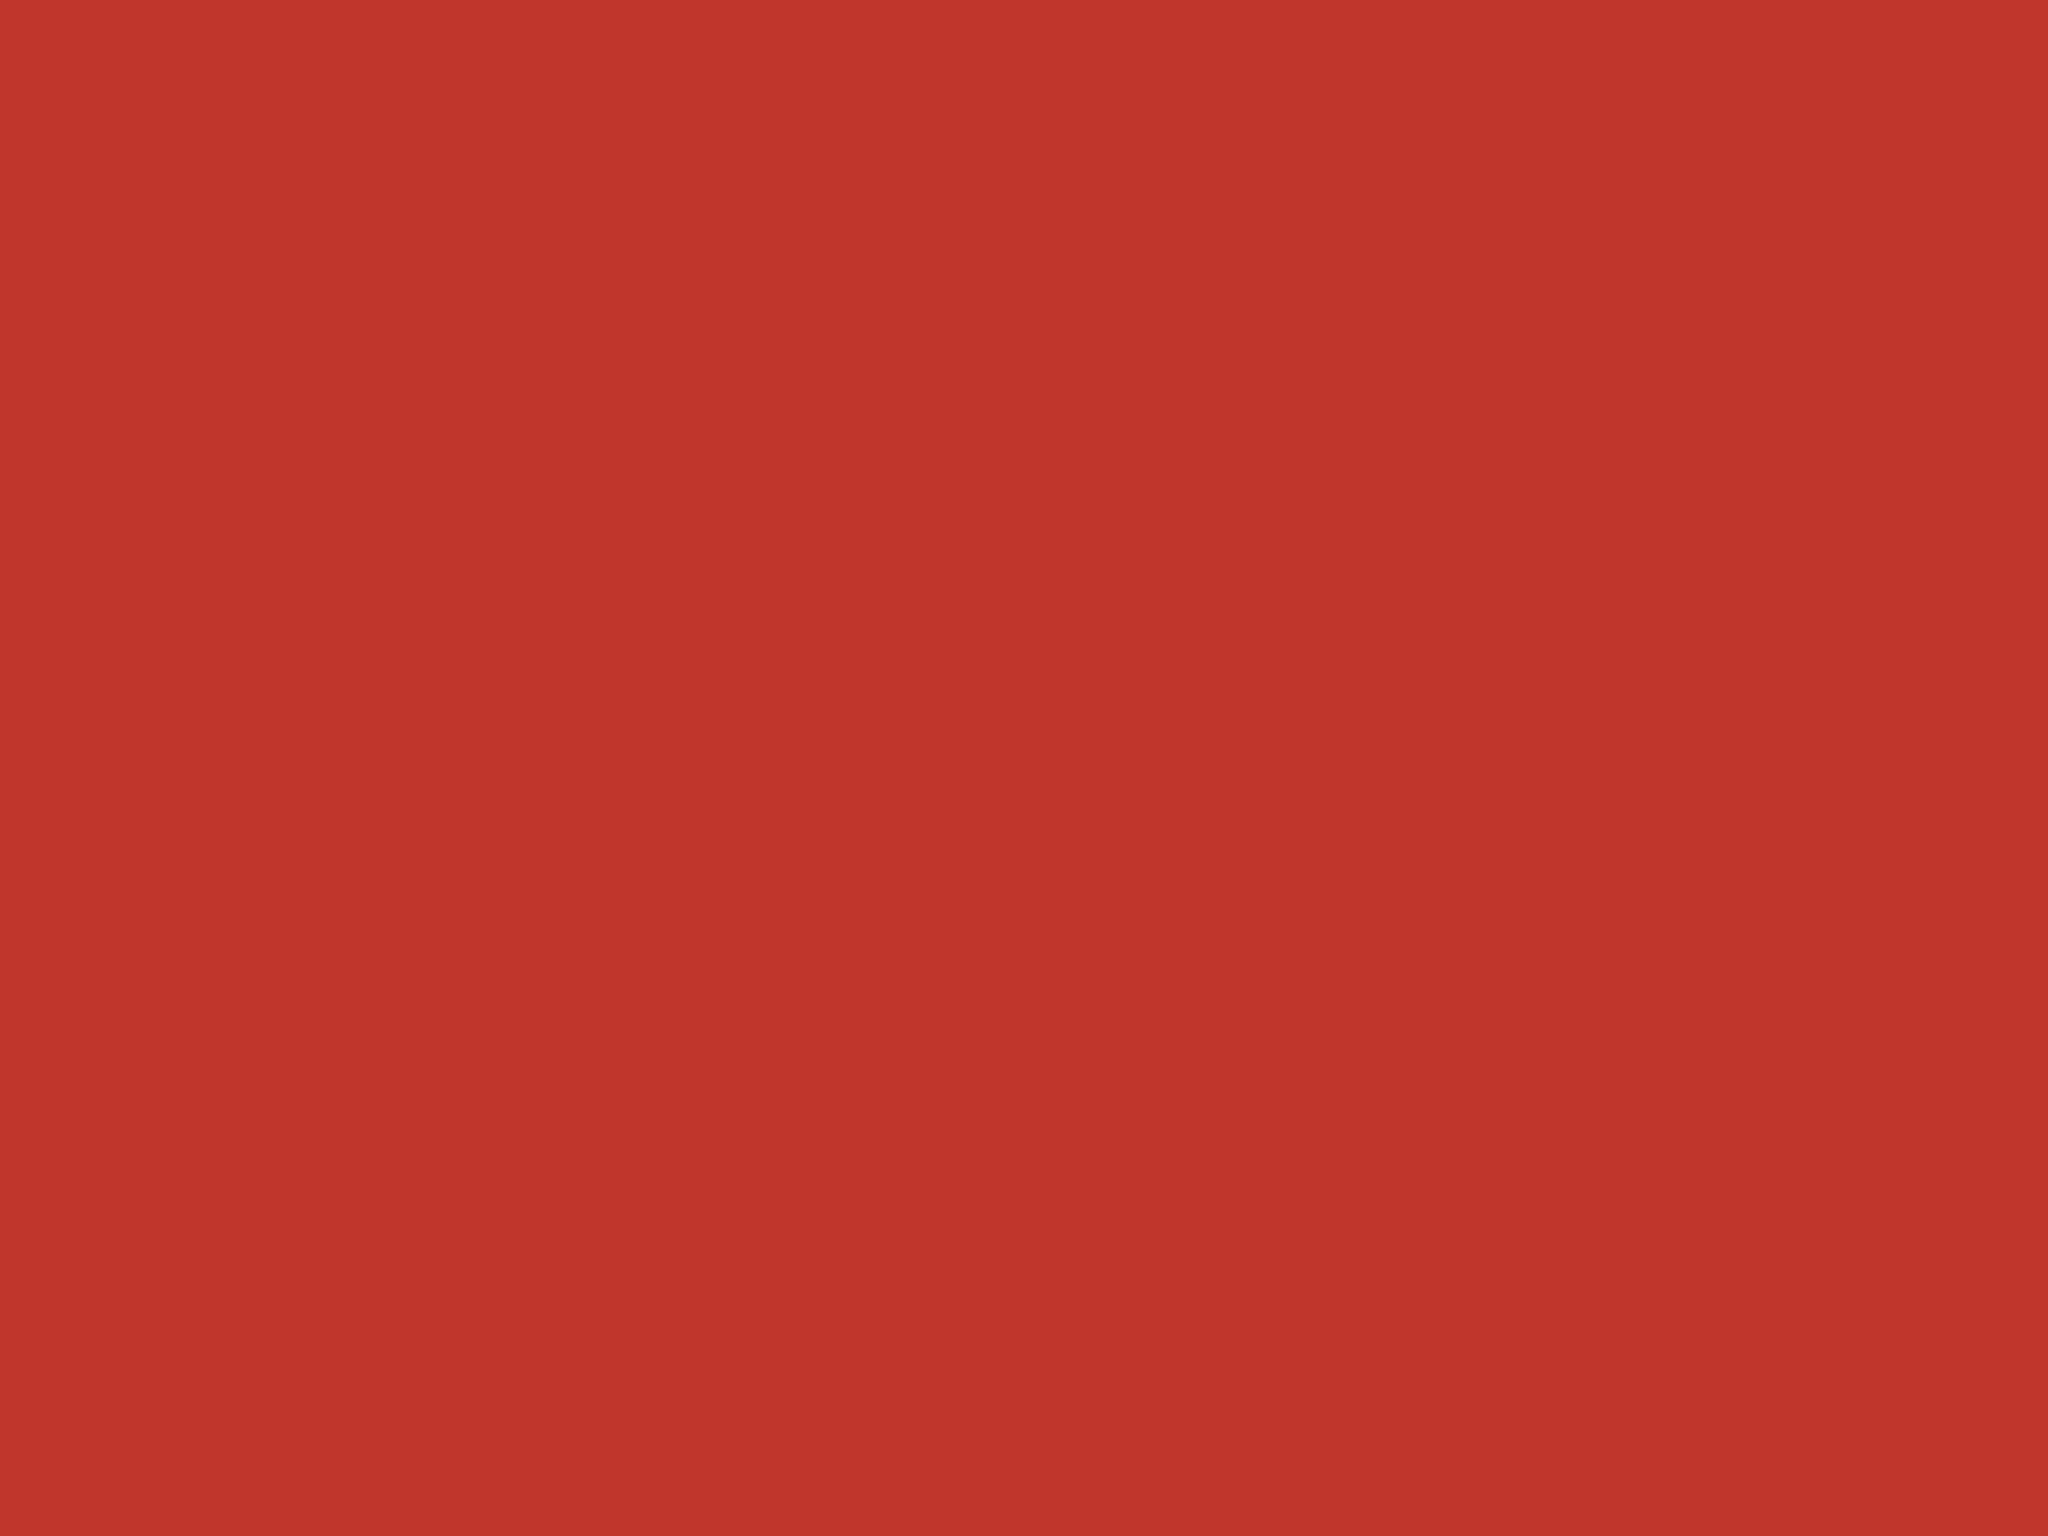 2048x1536 International Orange Golden Gate Bridge Solid Color Background